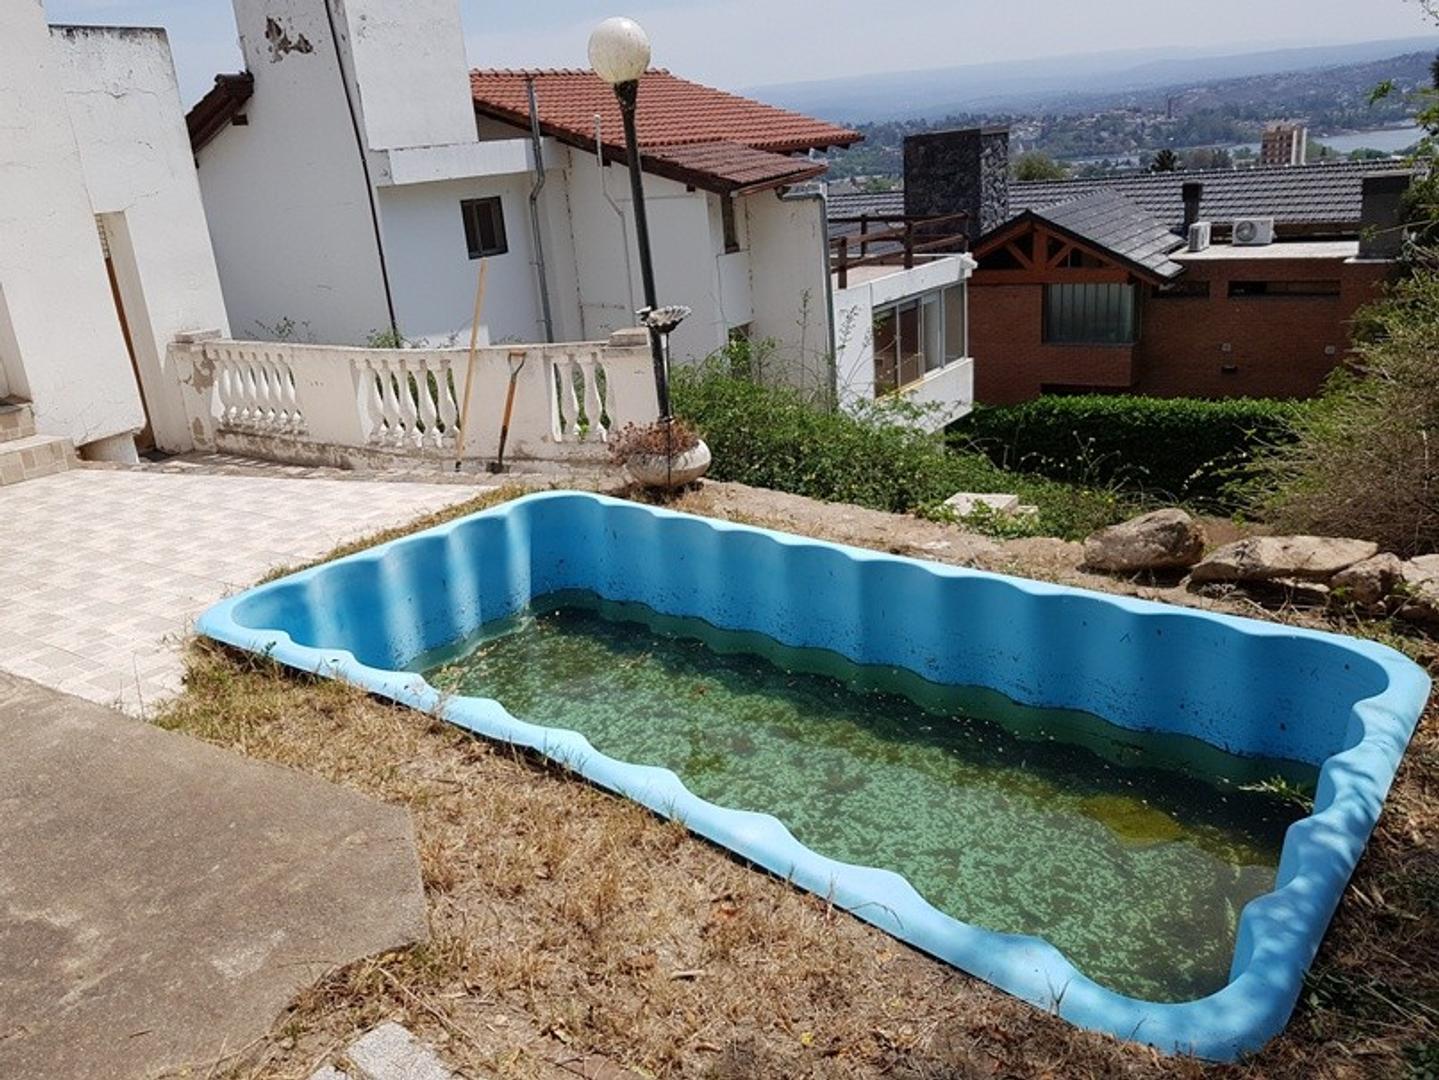 MUY LINDA CASA EN CARLOS PAZ, EN ALQUILER TEMPORARIO, BARRIO LA CUESTA, VISTA PANORÁMICA. Temp 2020 - Foto 25